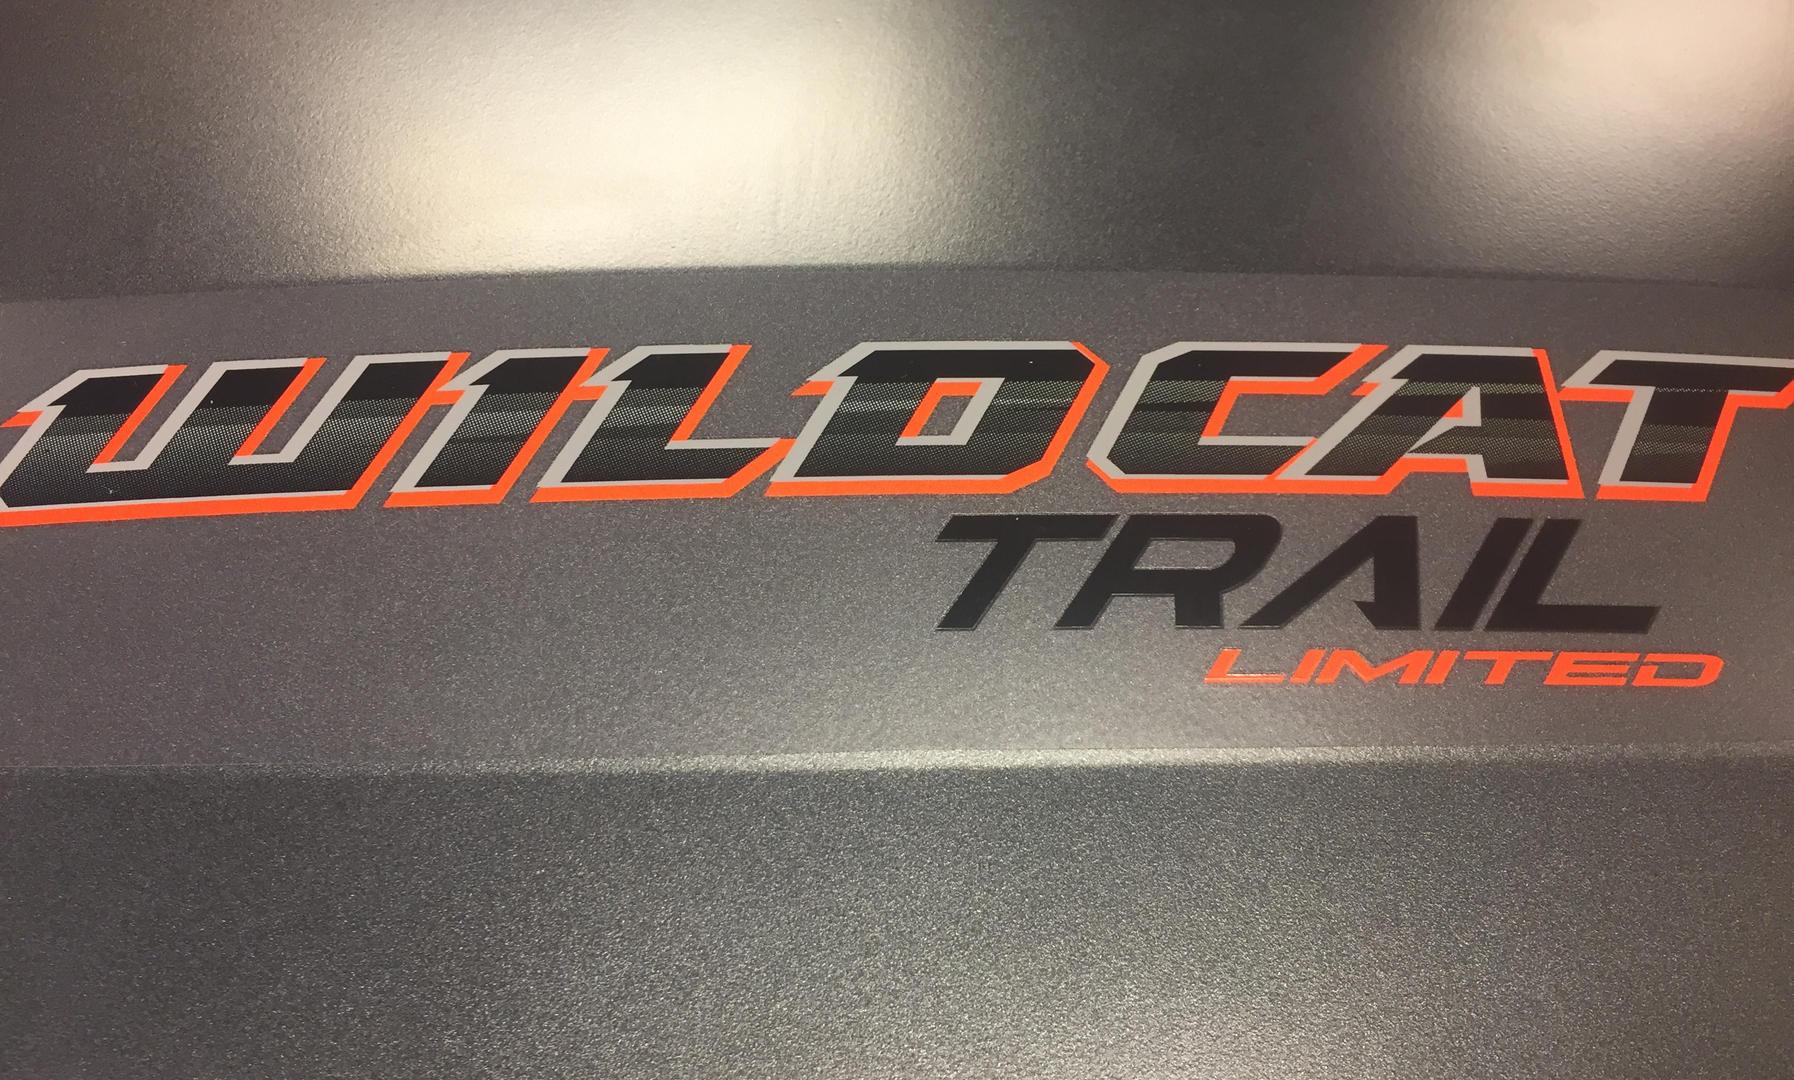 2020 WILDCAT TRAIL LTD 006.JPG